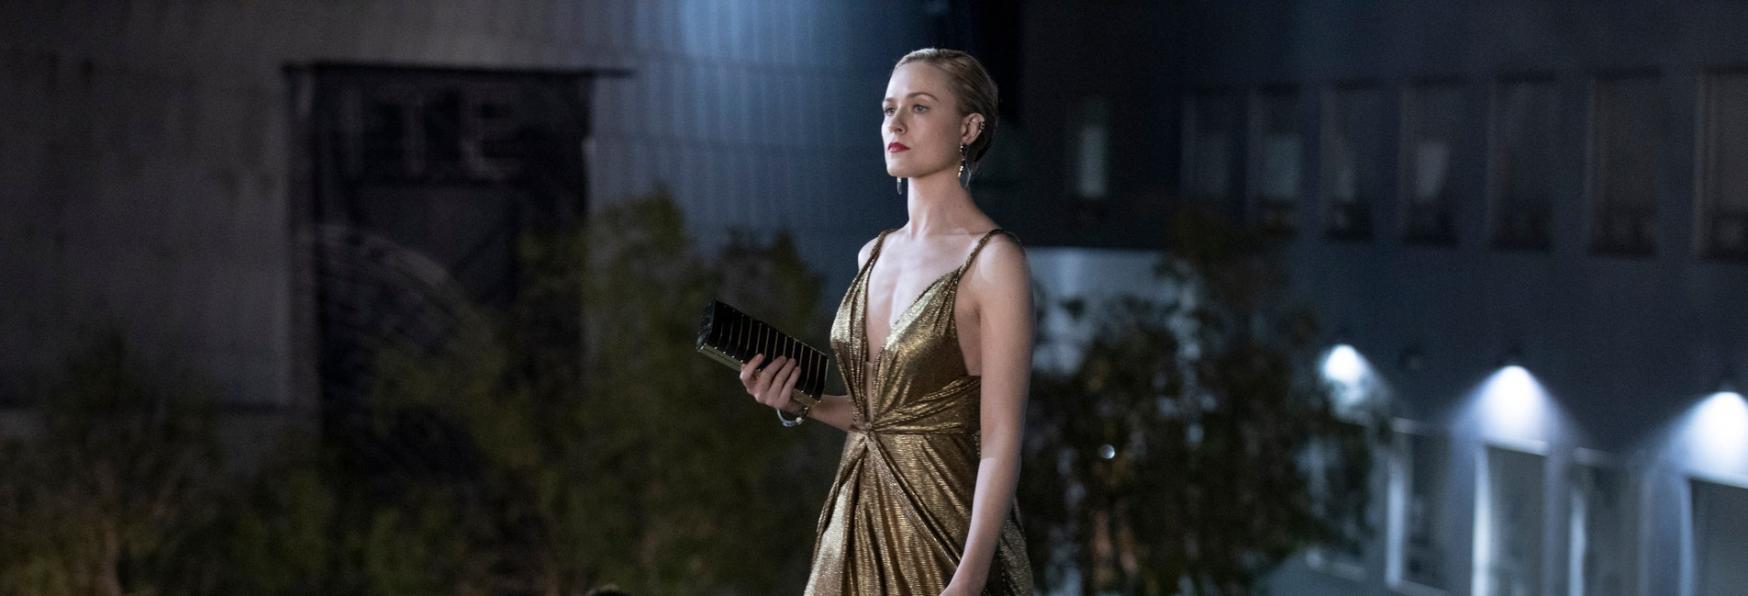 Westworld 3x01: Recensione e Prime Impressioni sulla tanto attesa Stagione della Serie TV HBO